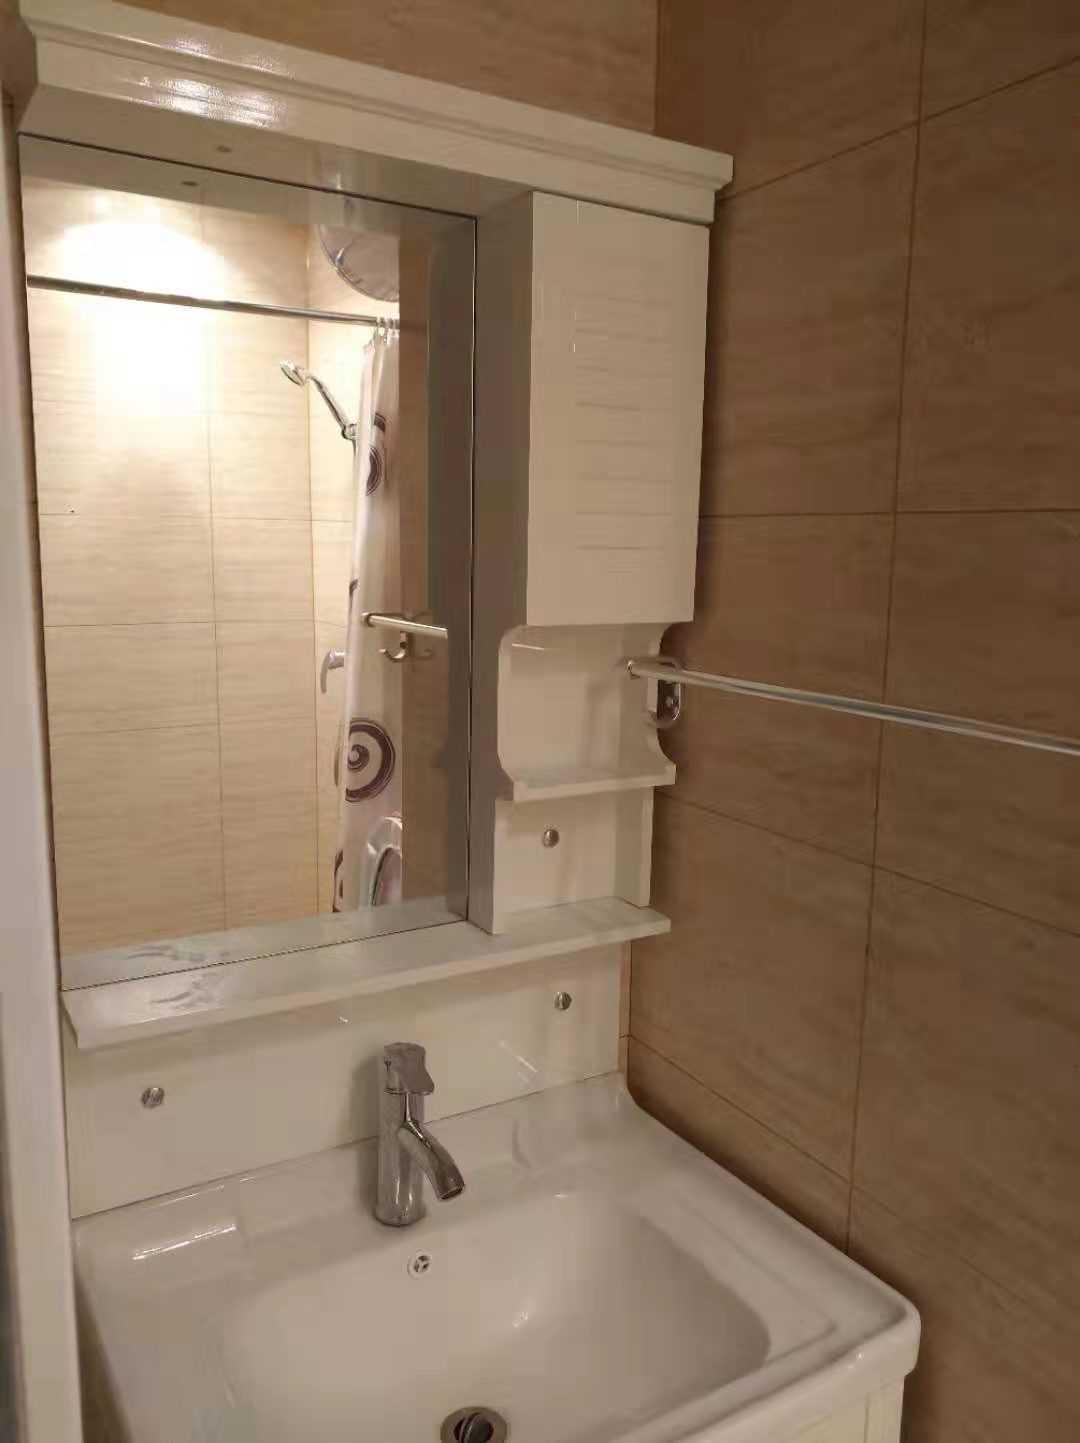 03012出租吾悦广场公寓25楼朝南,精装,有热水器,空调,沙发,厨具,衣柜,电视机,家具家电都品质优秀,拎包入住,租金2300,可押一付三,半年起租,一年以上可适当优惠的实拍照片